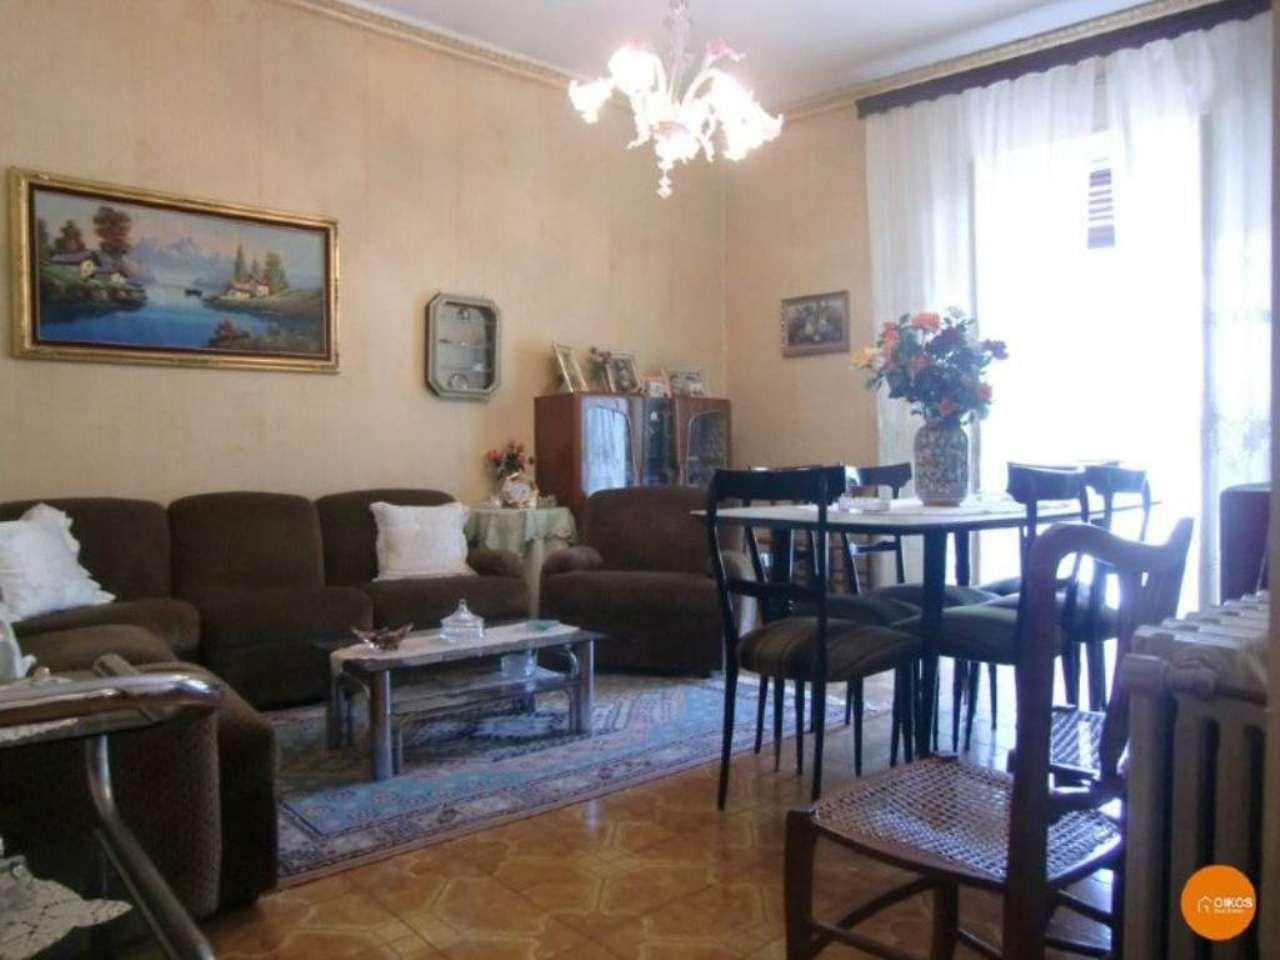 Appartamento in vendita a Noto, 4 locali, prezzo € 170.000 | CambioCasa.it